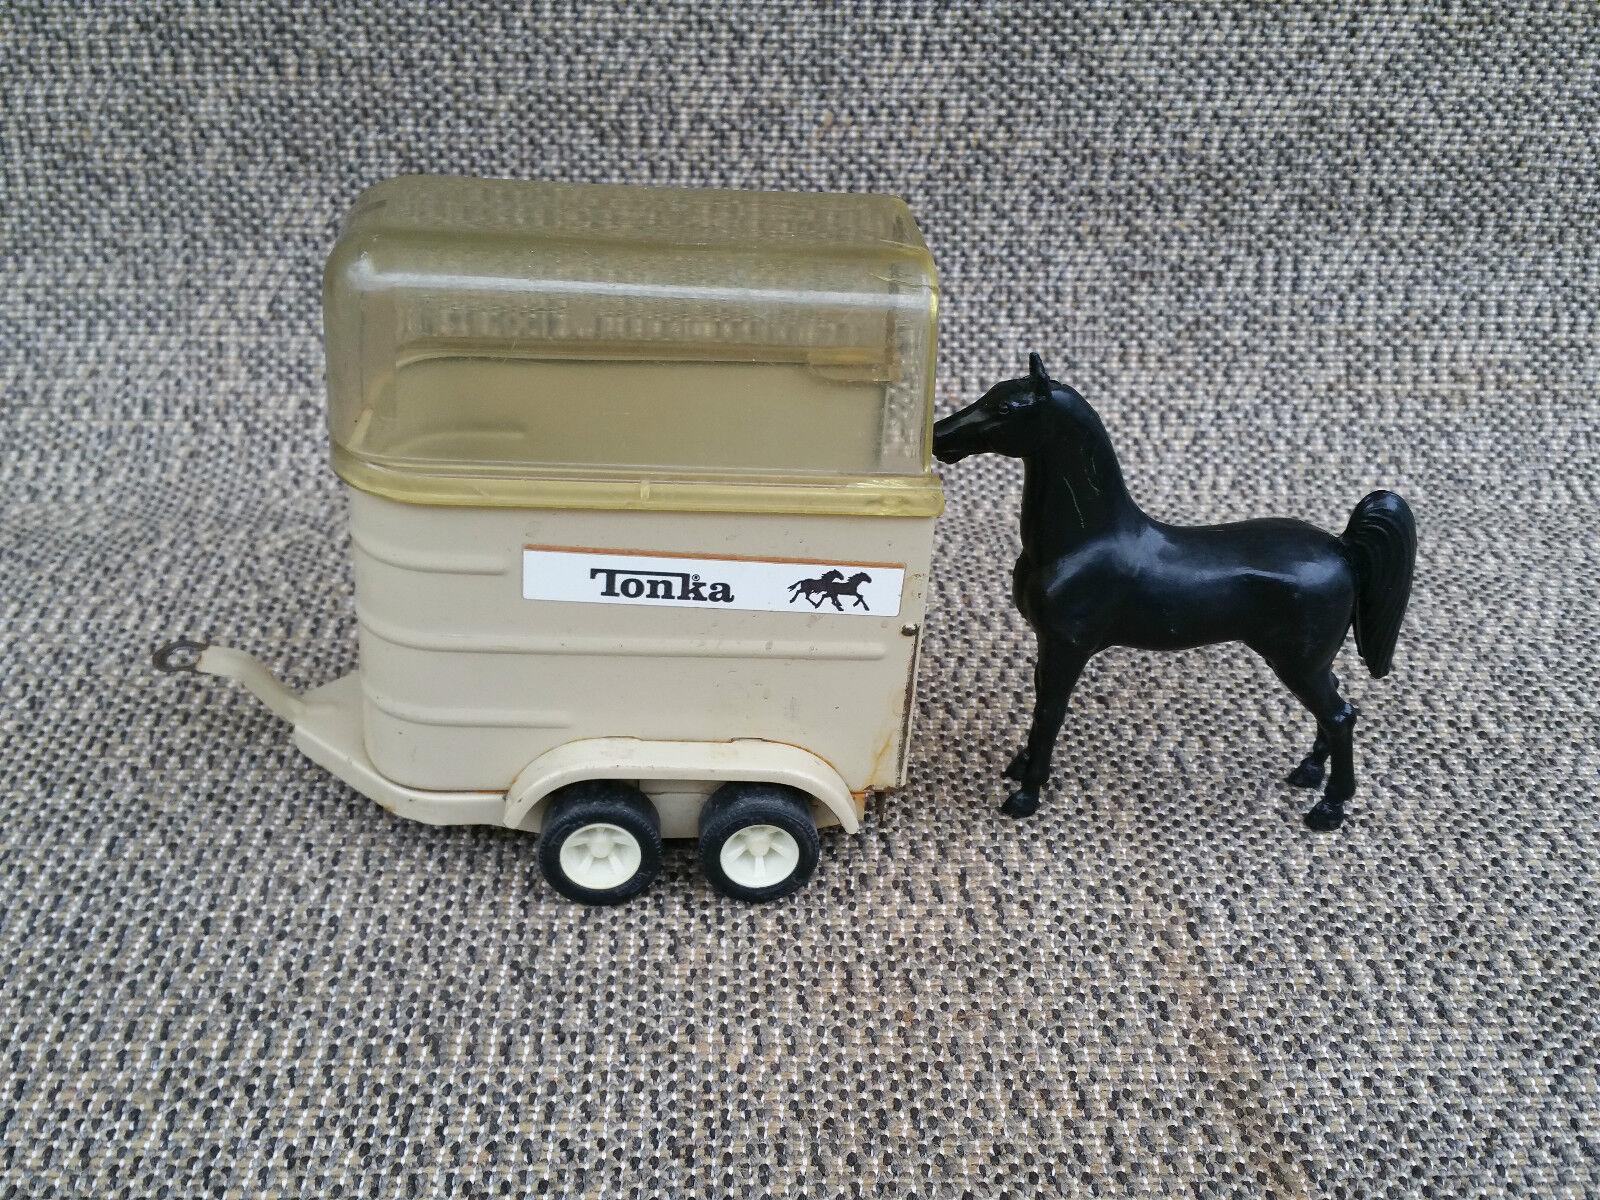 Ancienne petite remorque à chevaux  un cheval miniature jouet ancien  Tonka